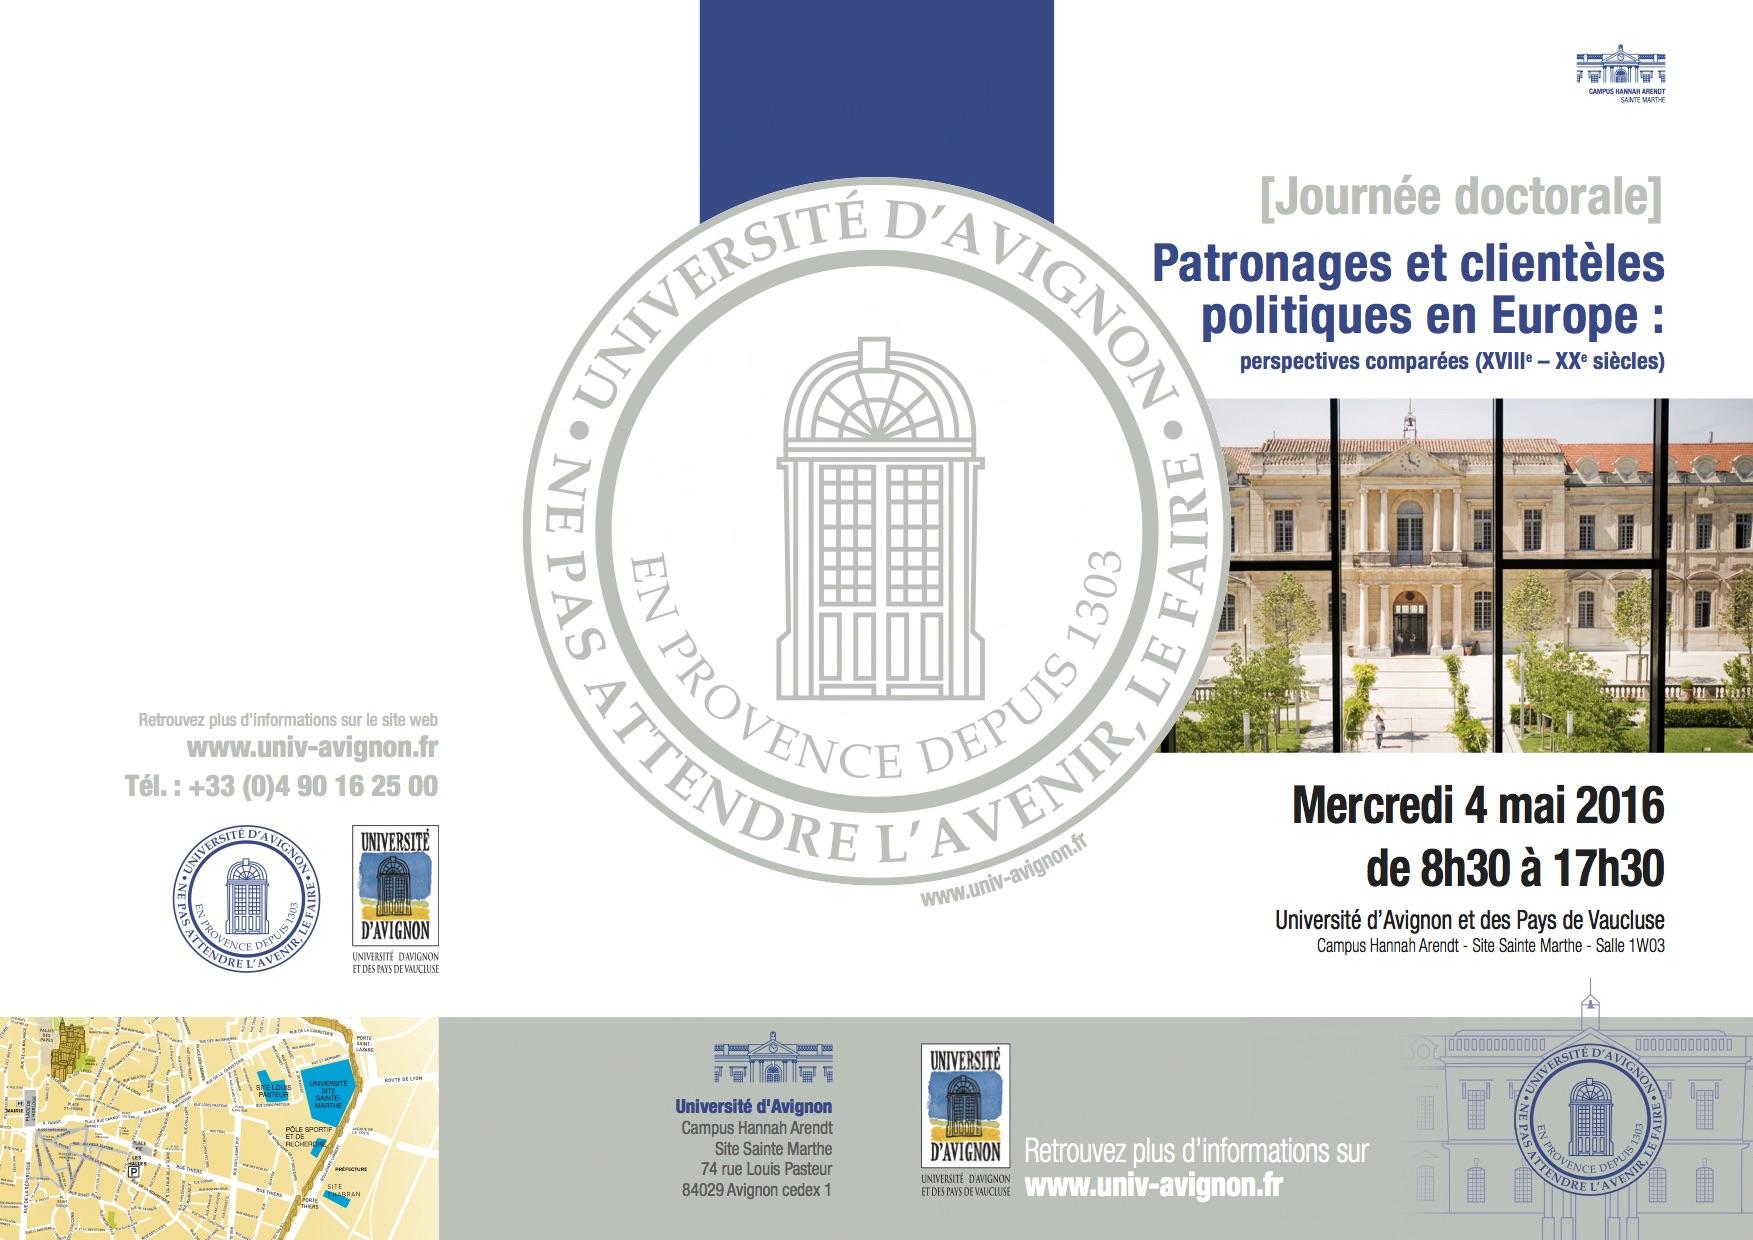 [JOURNÉE D'ÉTUDES] Patronages et clientèles politique en Europe, Avignon, 4 mai 2016